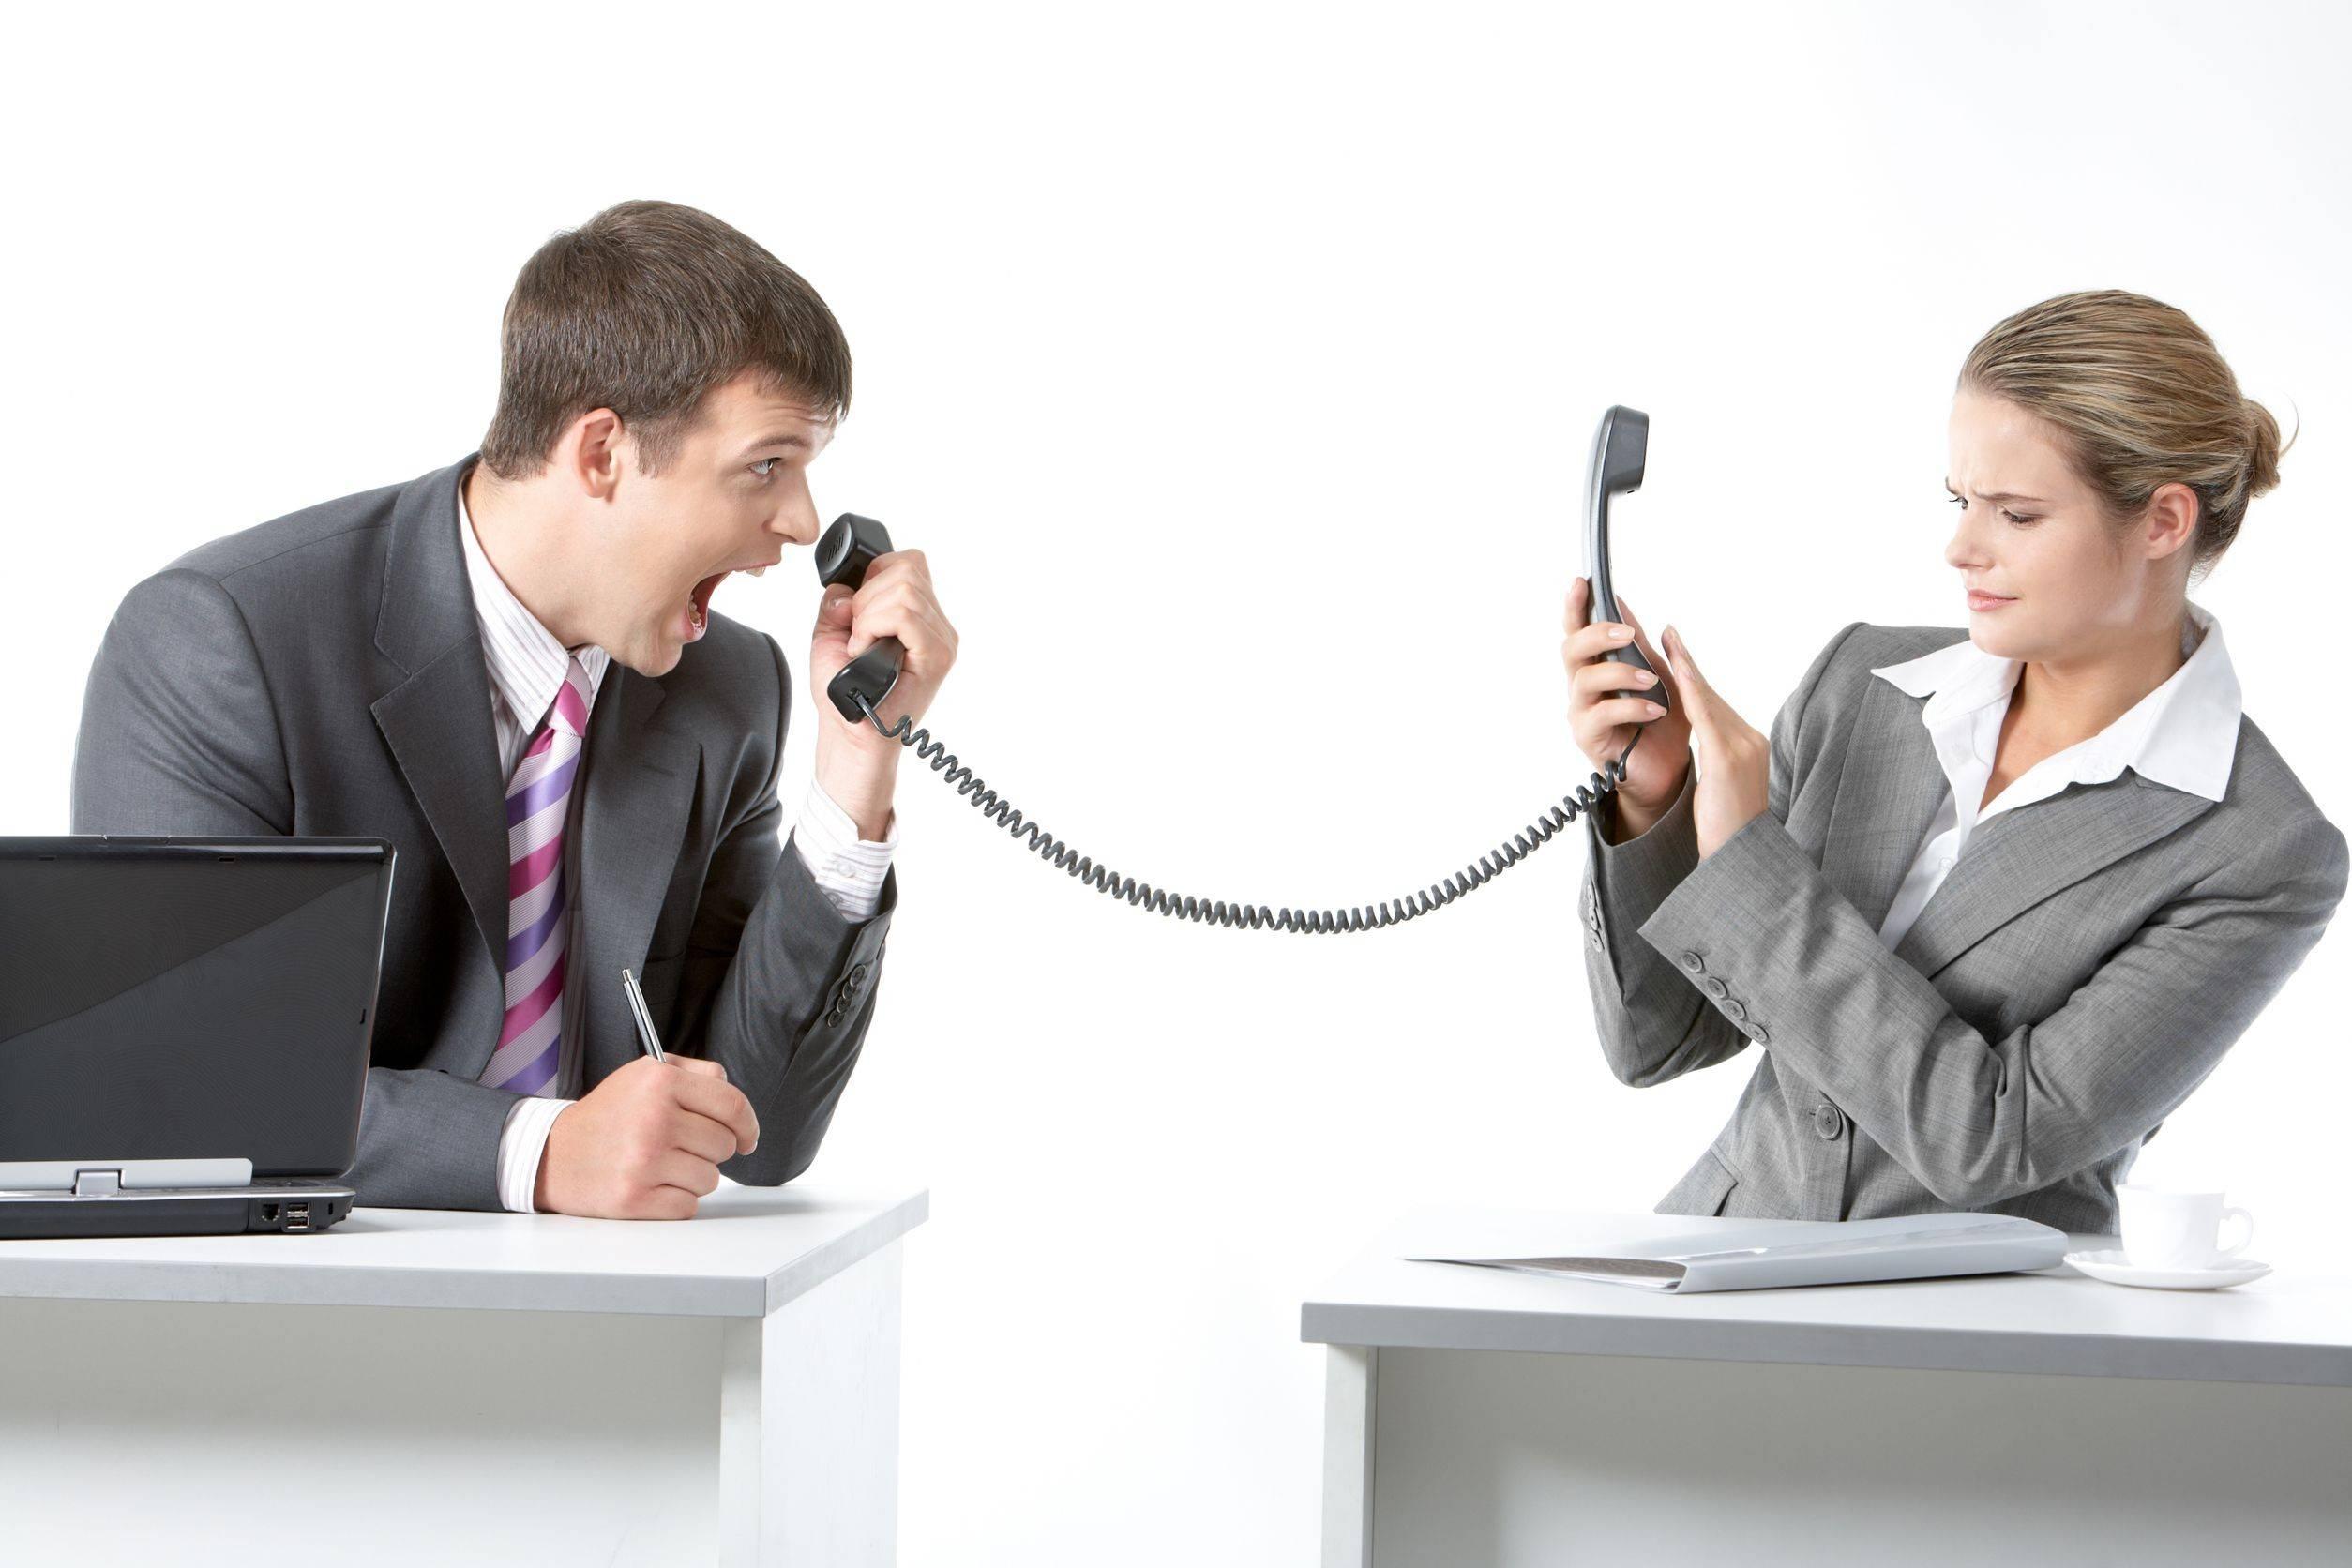 Как реагировать и противостоять хамству коллег на работе